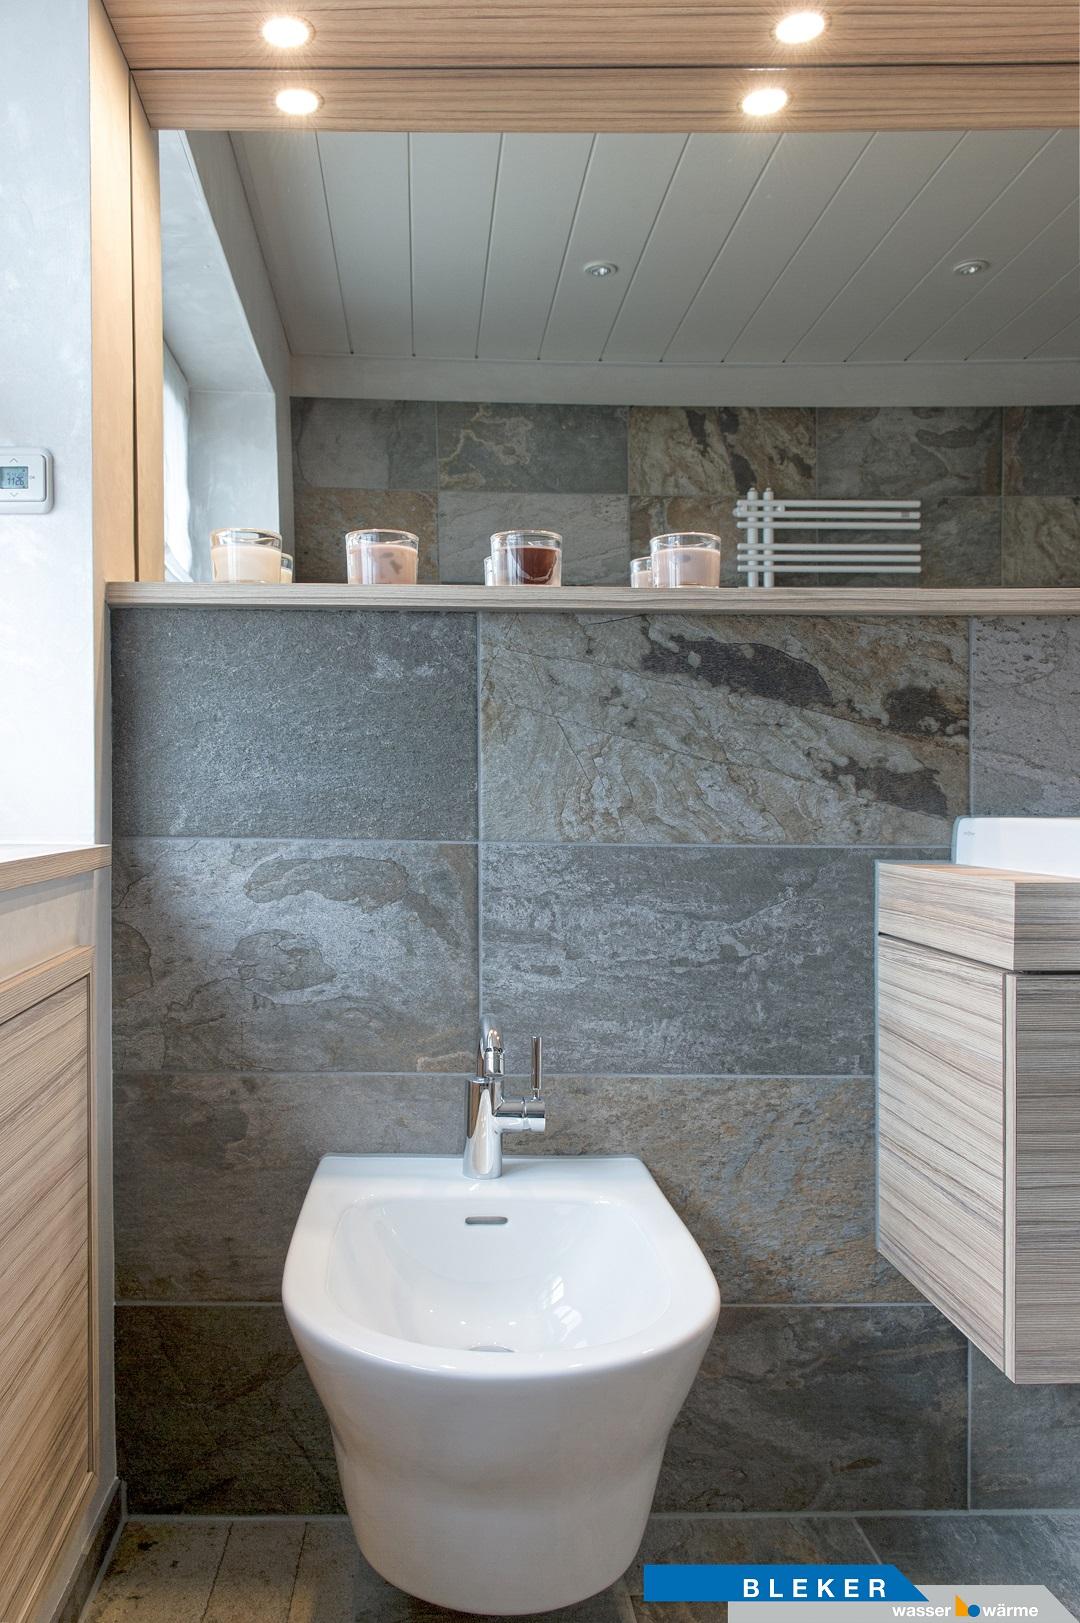 Bad mit Bidet-WC, besondere Natursteinfliesen, Spiegel mit Beleuchtung